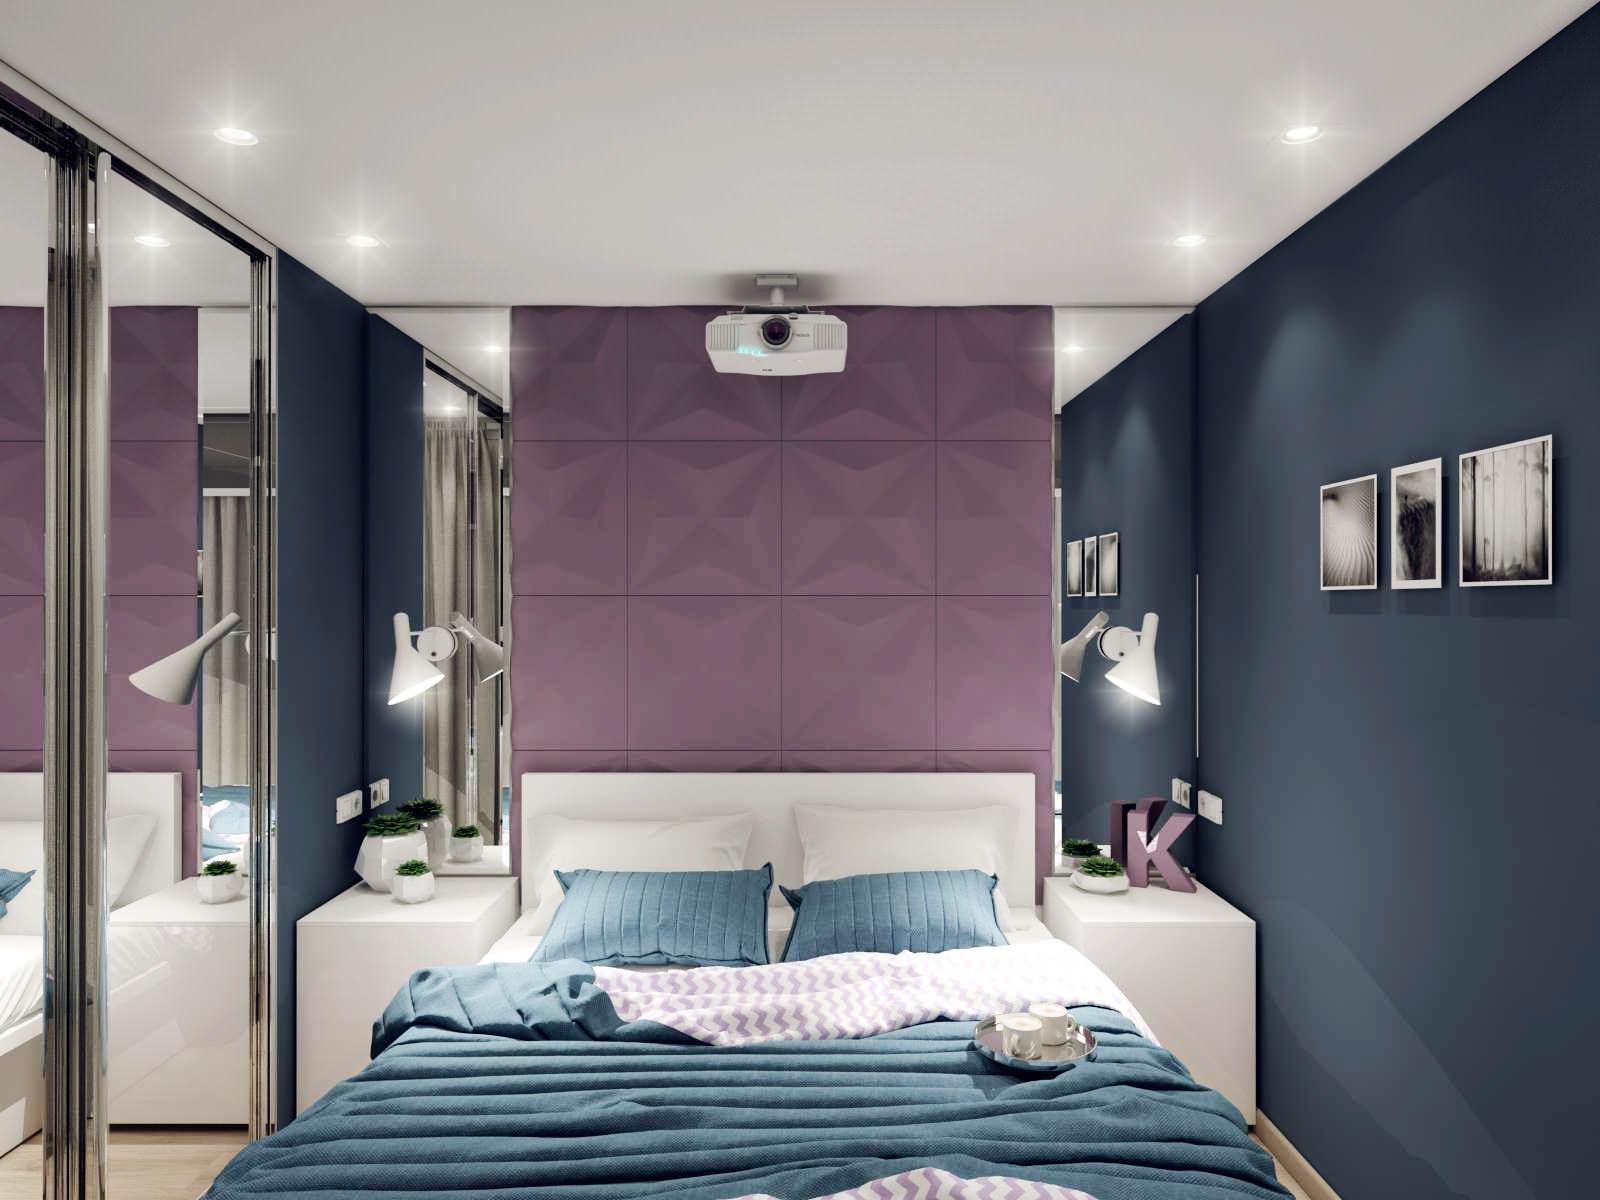 mini-apartament-sas-svej-i-praktichen-interioren-dizain-44-m-5g